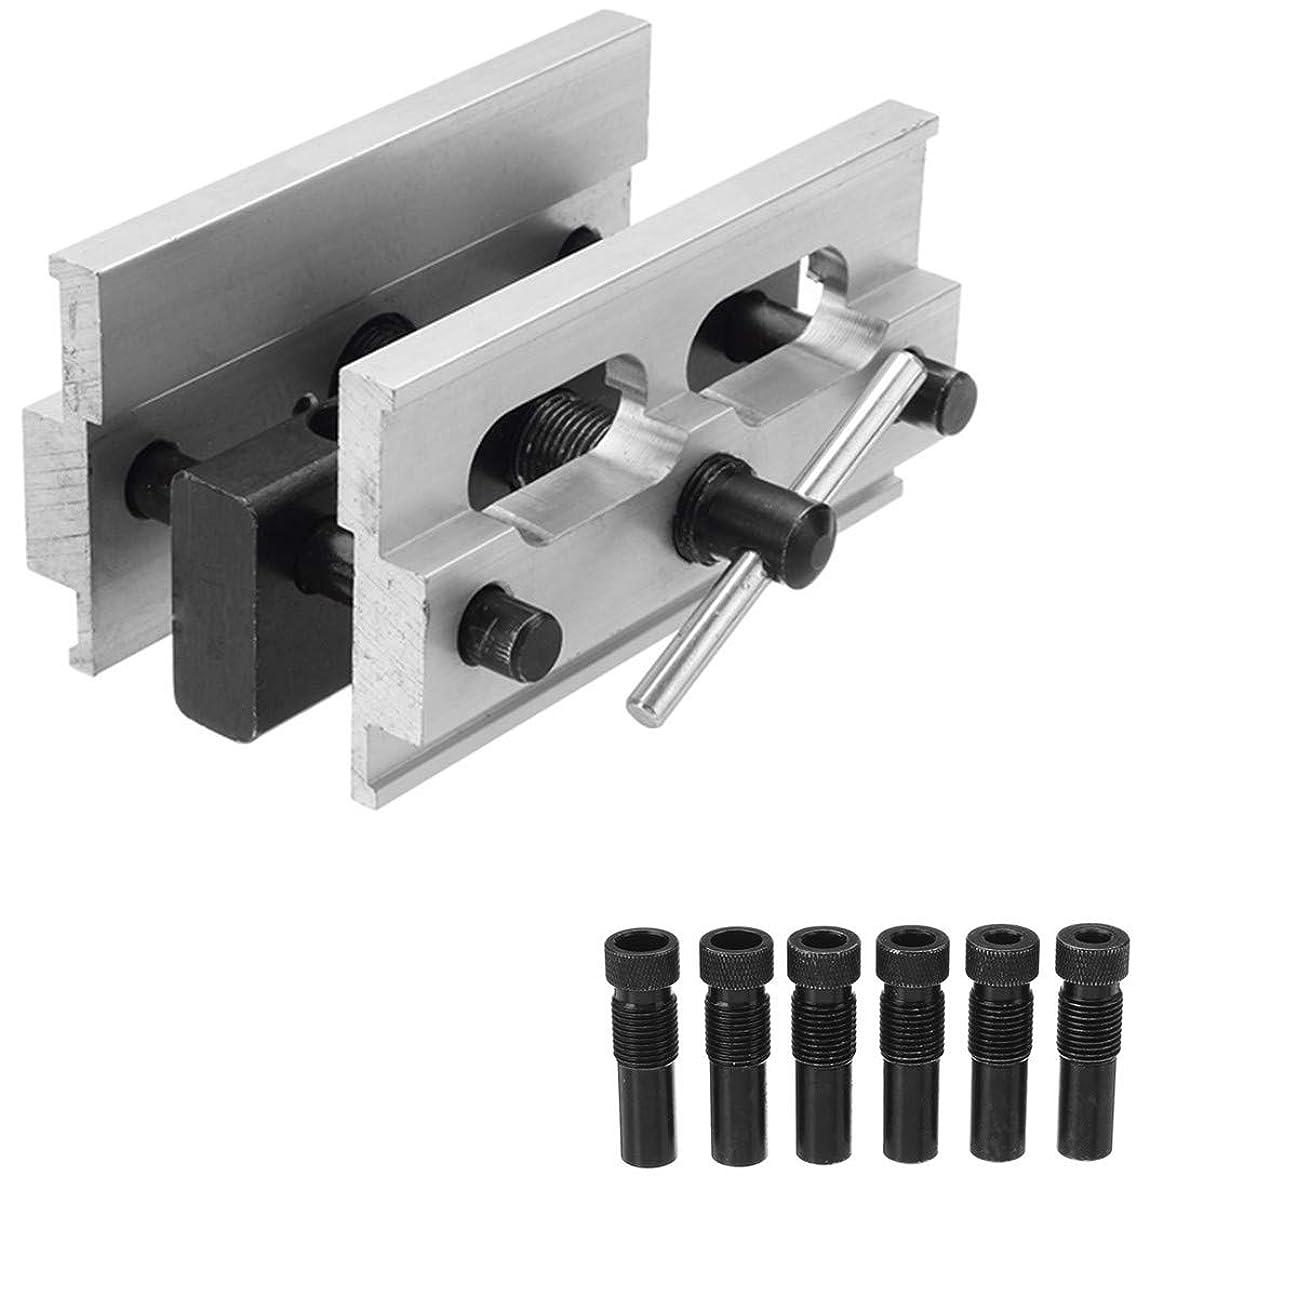 けん引叫ぶ同行CarAngels ドリルガイド 冶具 木工 掘削 ドリルロケータ ダボガイドセット 調整可能 6/8/10/11/12mm 木工ツールセット